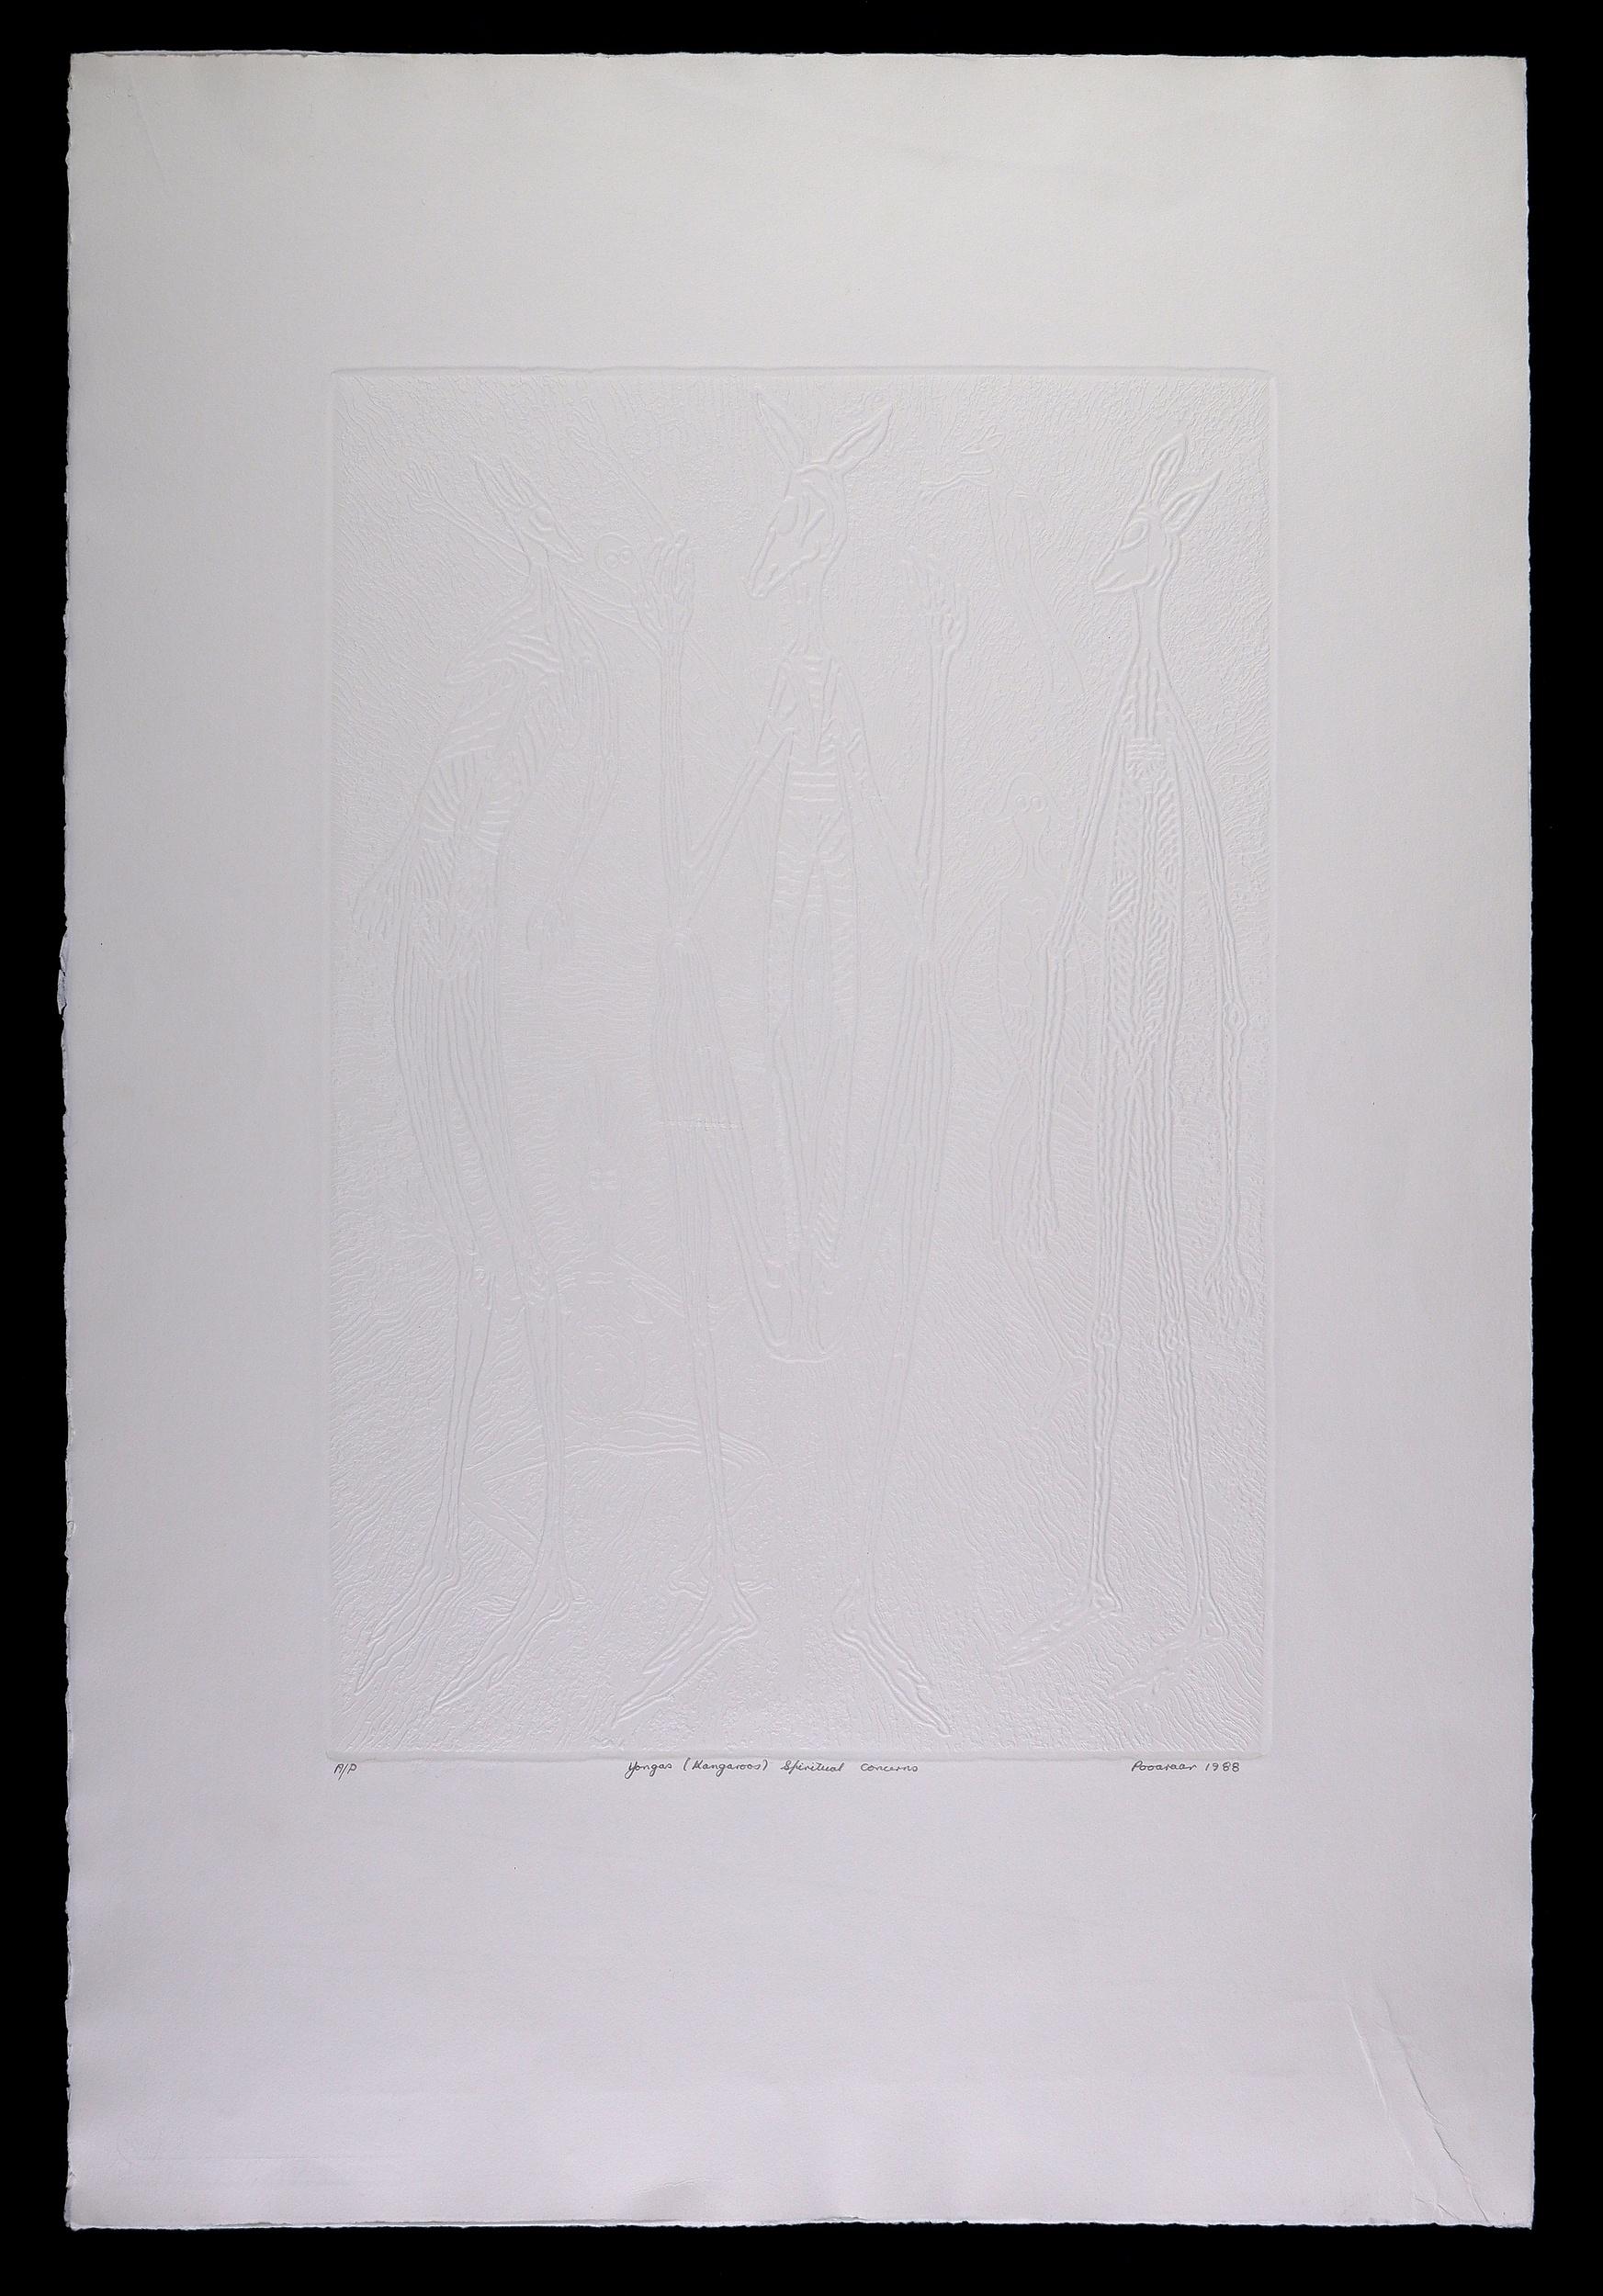 'Bevan Pooaraar Hayward (1939-2004, Goreng/Minang/Nyoongar peoples), Yongas (Kangaroos) Spiritual Concerns 1988, Embossing, Artists Proof, Edition of 90, 50 x 34 cm (image size)'